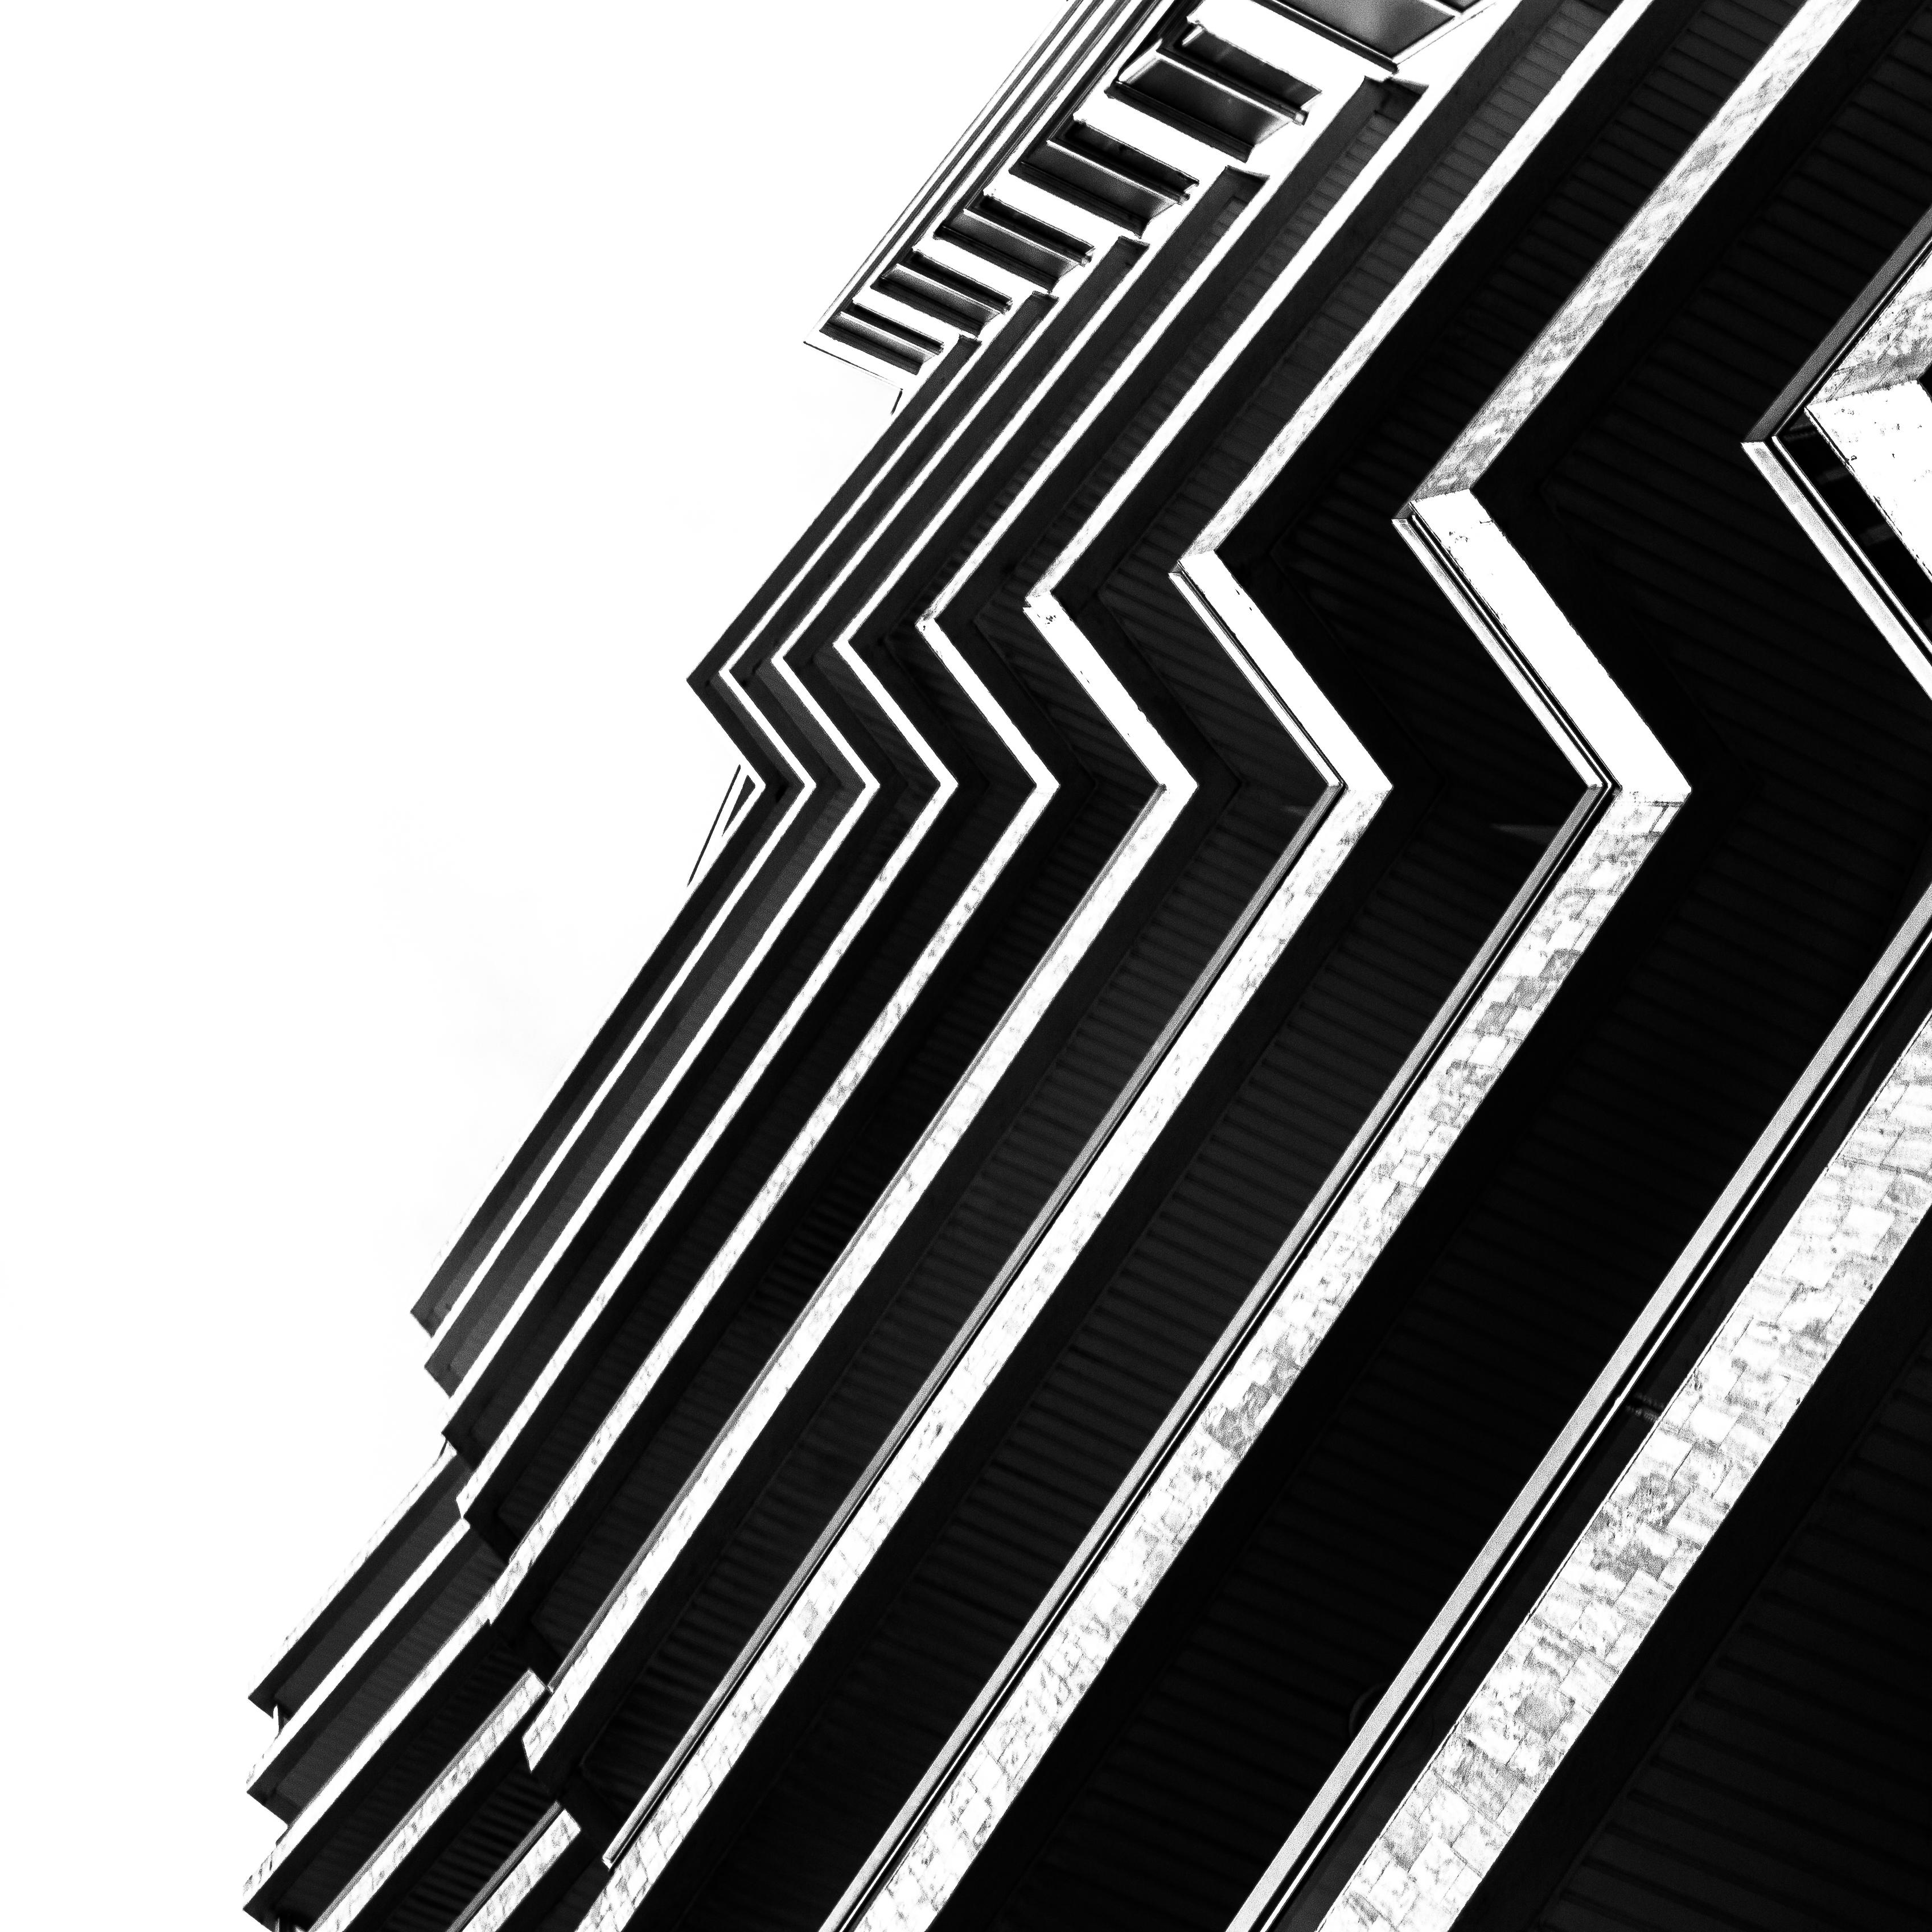 Verticale - Photographie Yann Lecomte- Sablographie